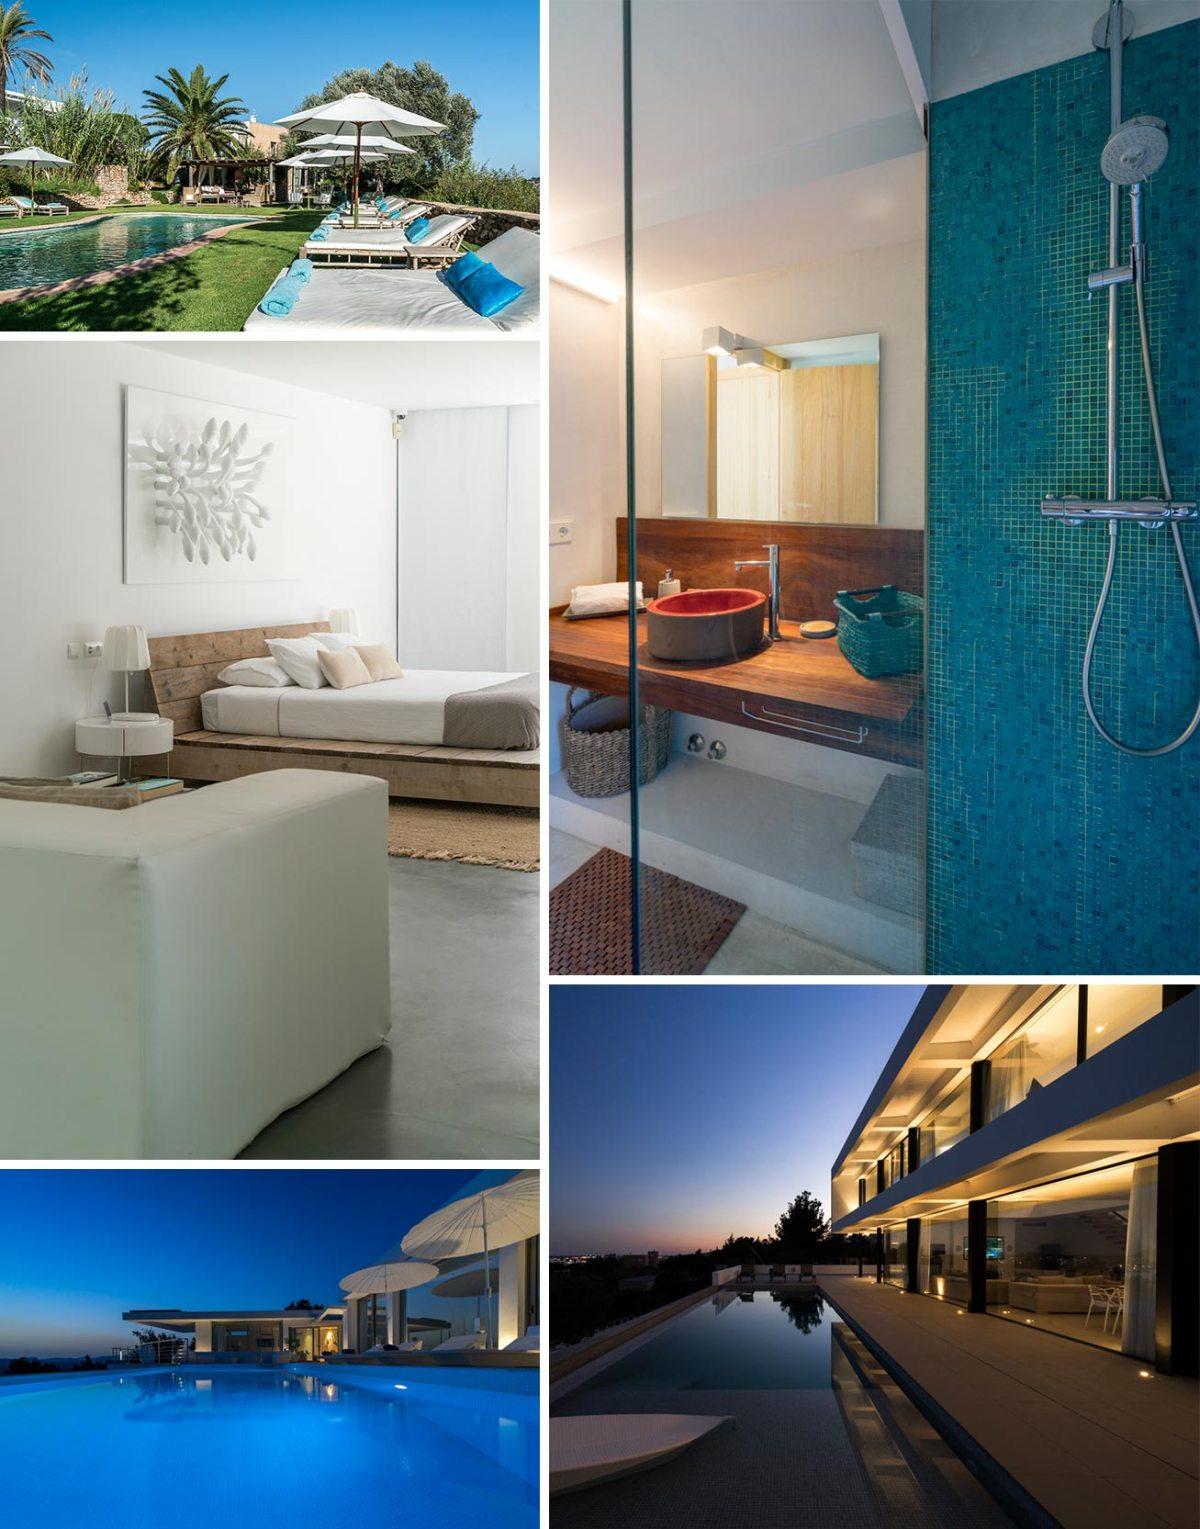 Fotografía de casas para alquiler o venta en Ibiza